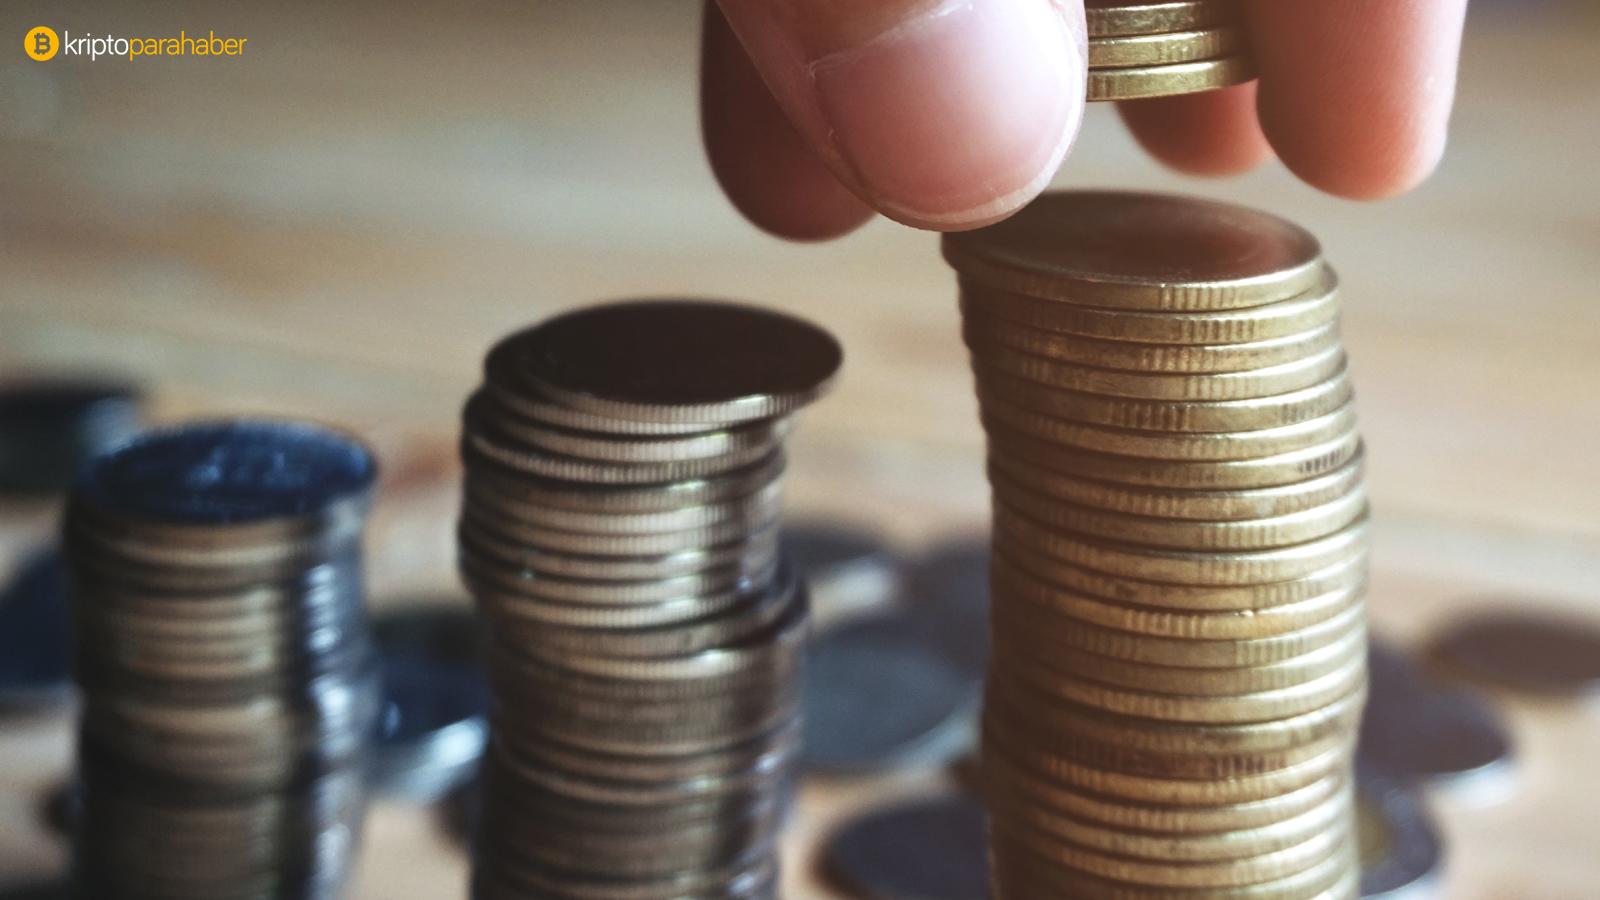 Kripto hizmet sağlayıcı BitGo'nun toplam varlıkları 16 milyar doları aştı